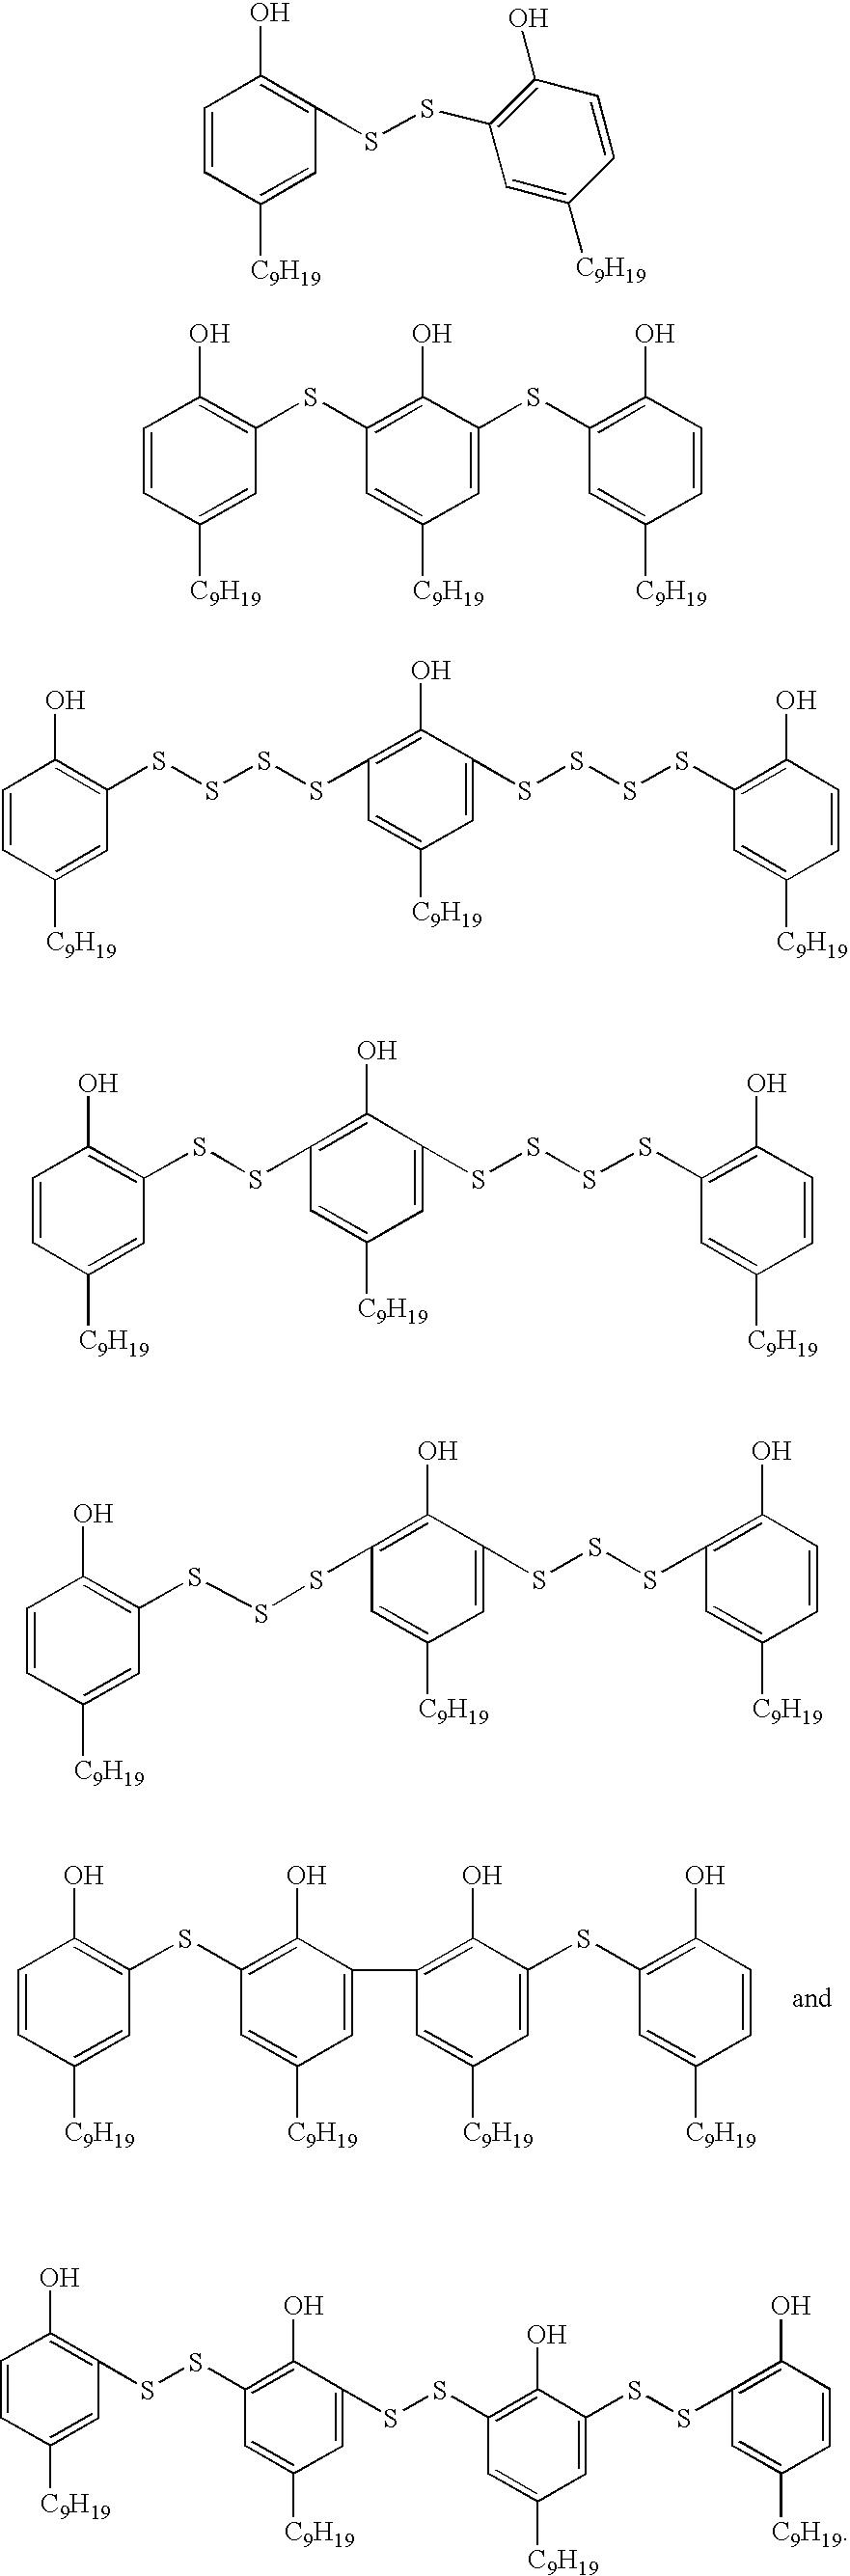 Figure US20090297961A1-20091203-C00016